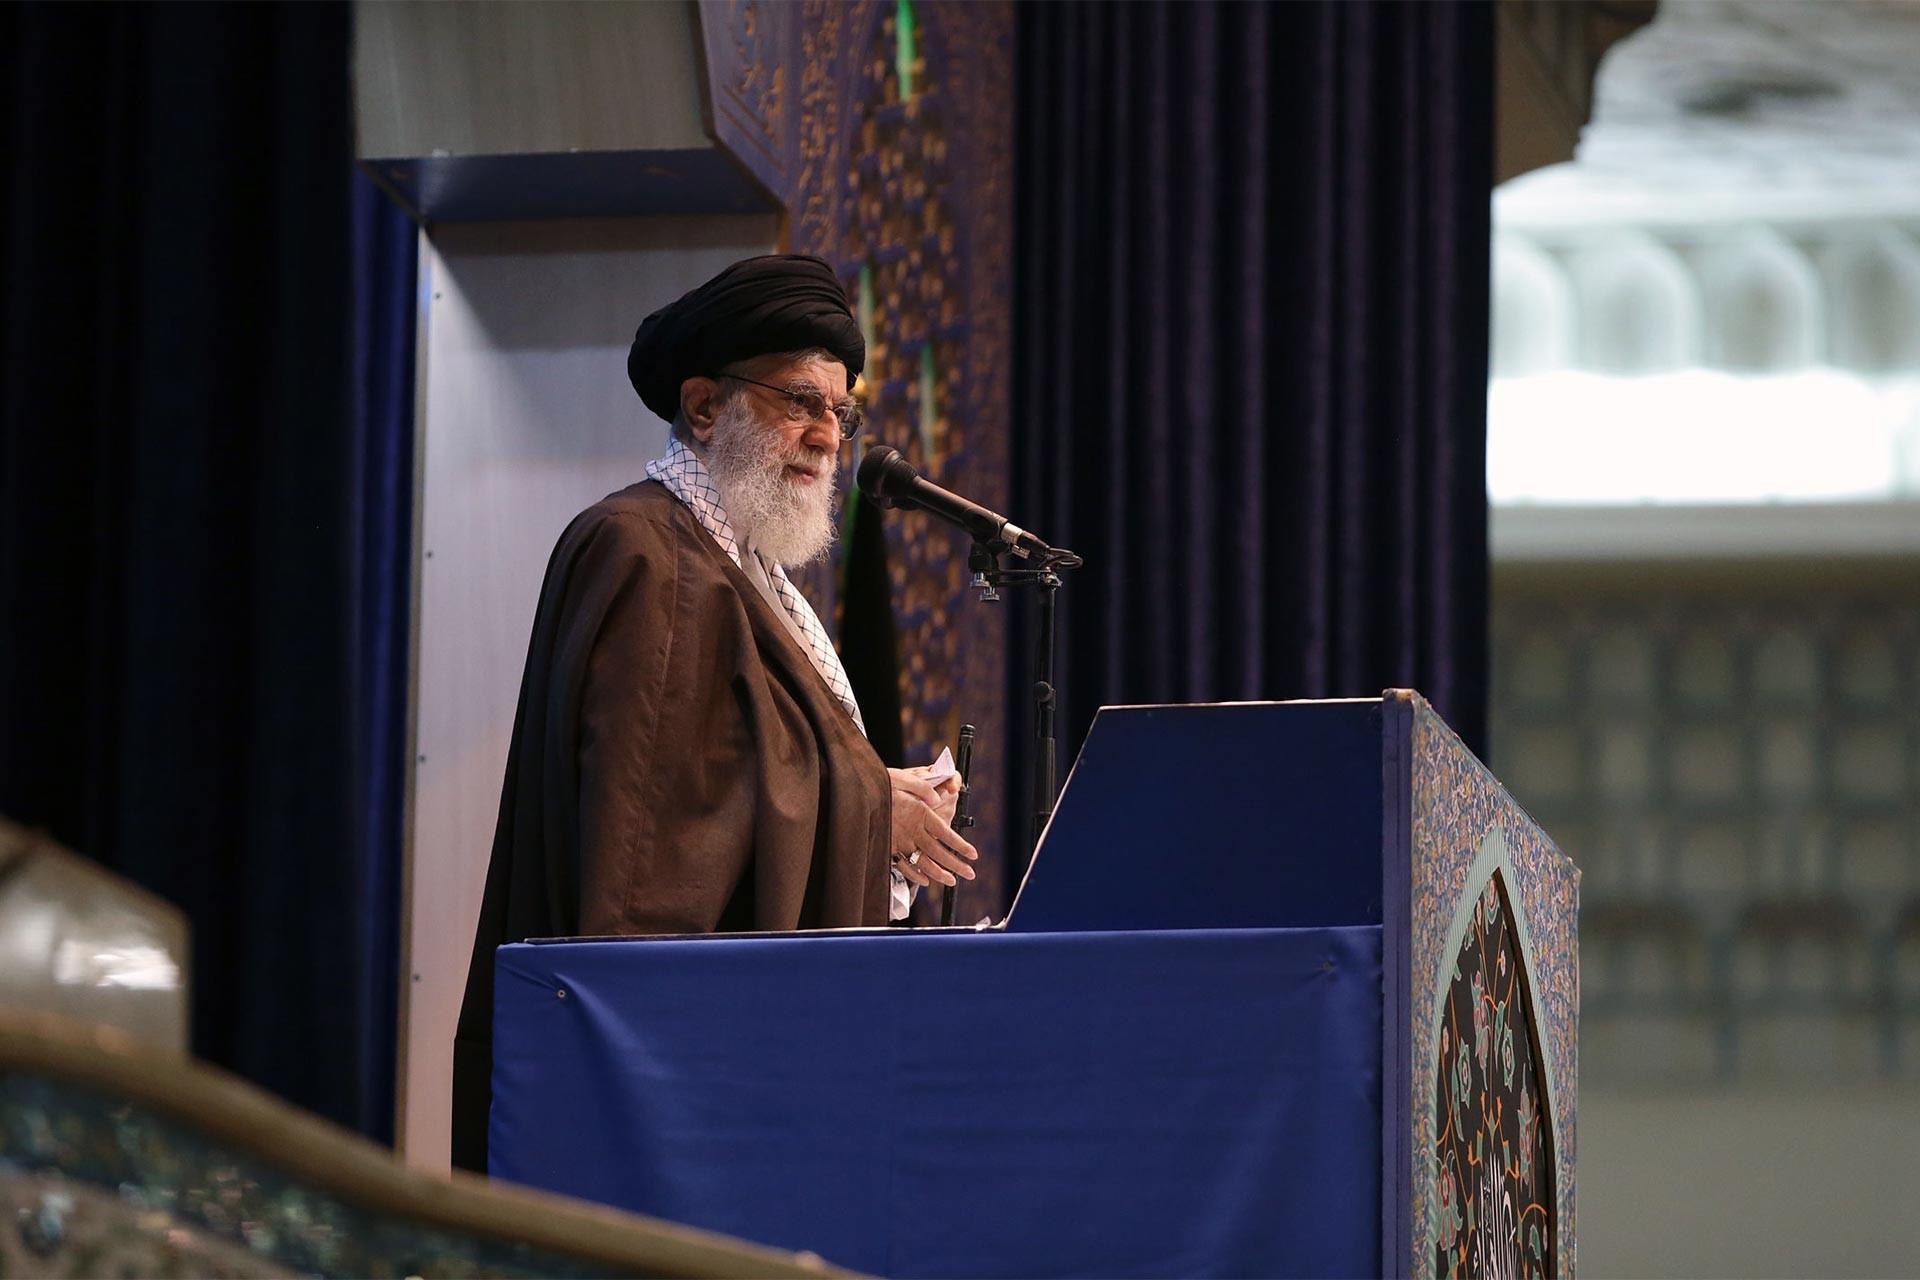 İran lideri Ali Hamaney, Tahran İmam Humeyni Musallası'nda 8 yıl aradan sonra okuduğu ilk cuma hutbesinde gündemdeki konulara ilişkin değerlendirmelerde bulundu.